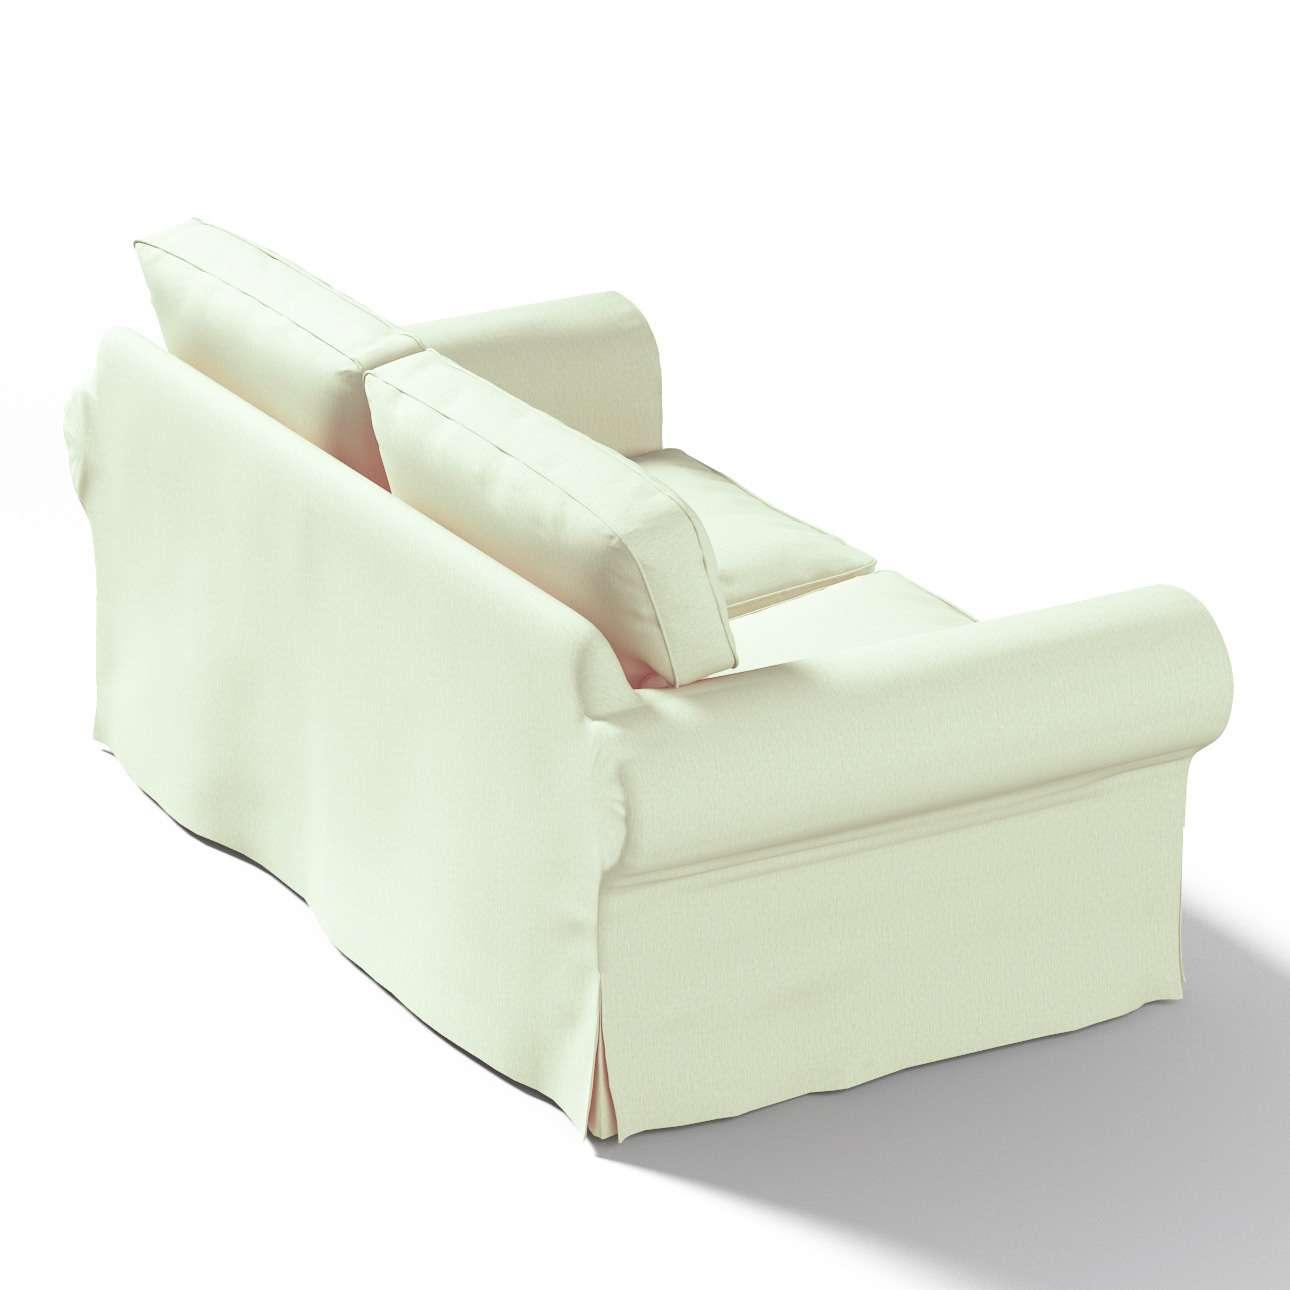 Bezug für Ektorp 2-Sitzer Sofa nicht ausklappbar von der Kollektion Chenille, Stoff: 702-22